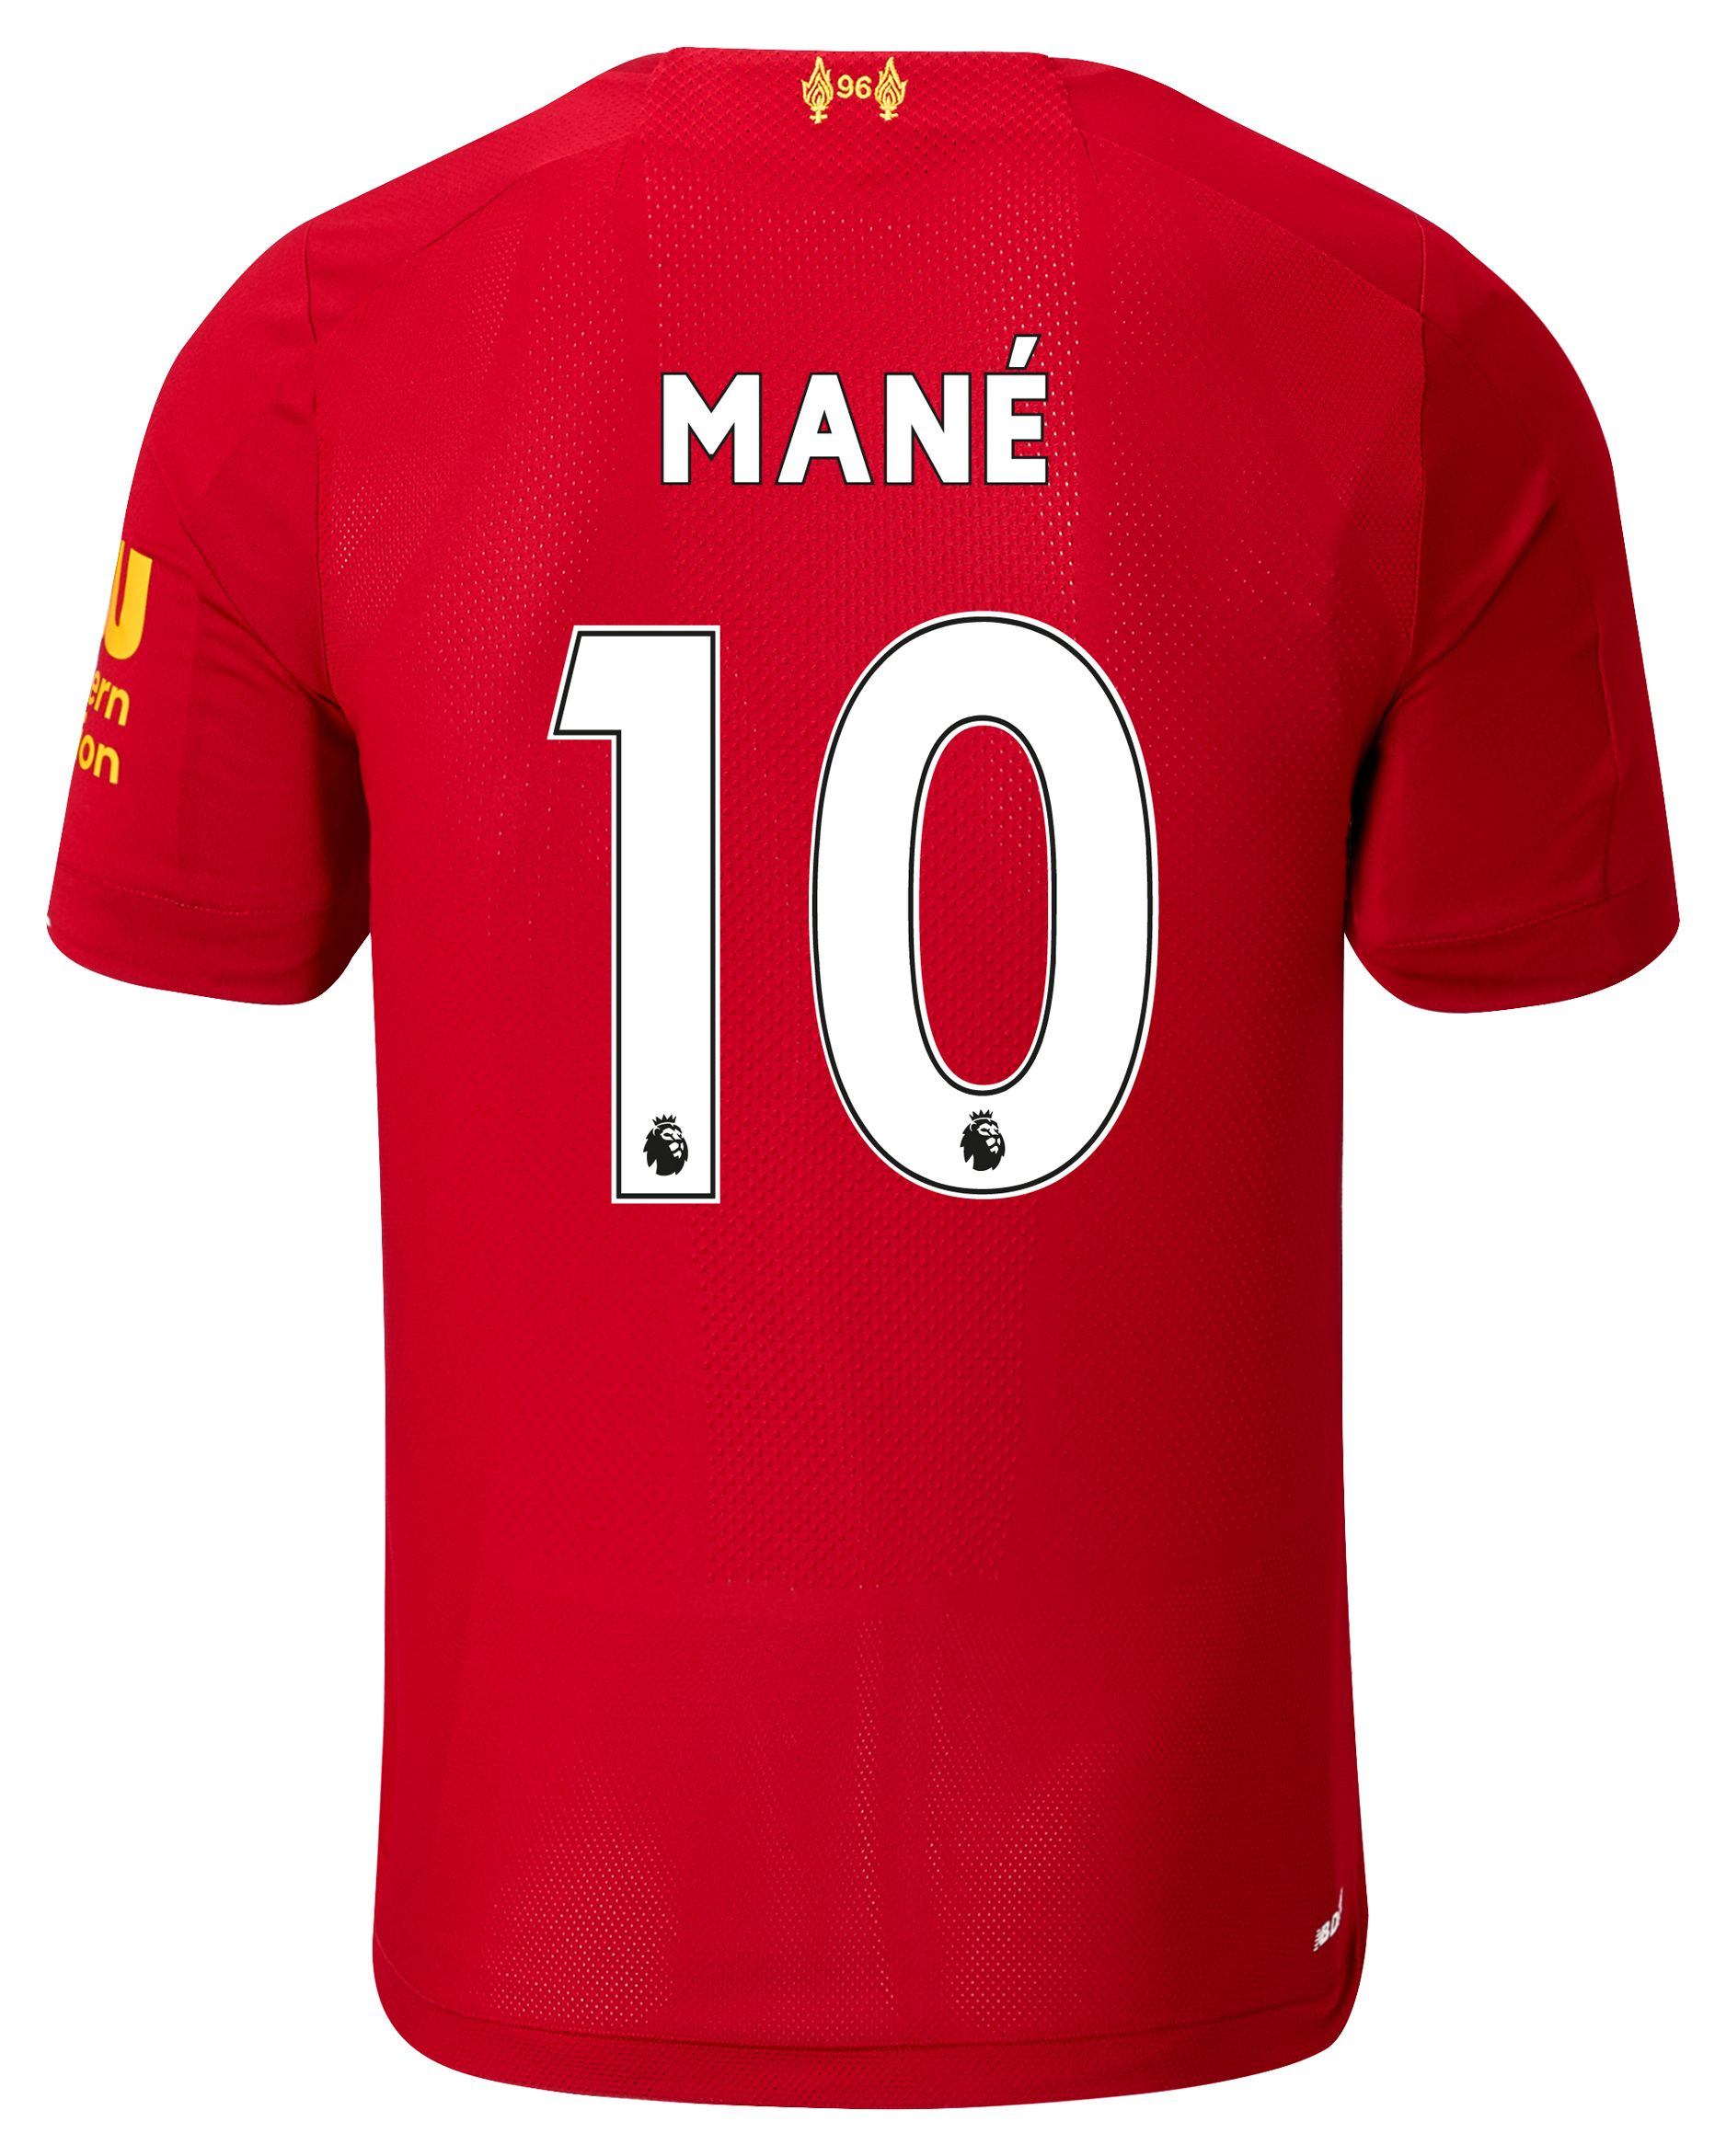 10 mane